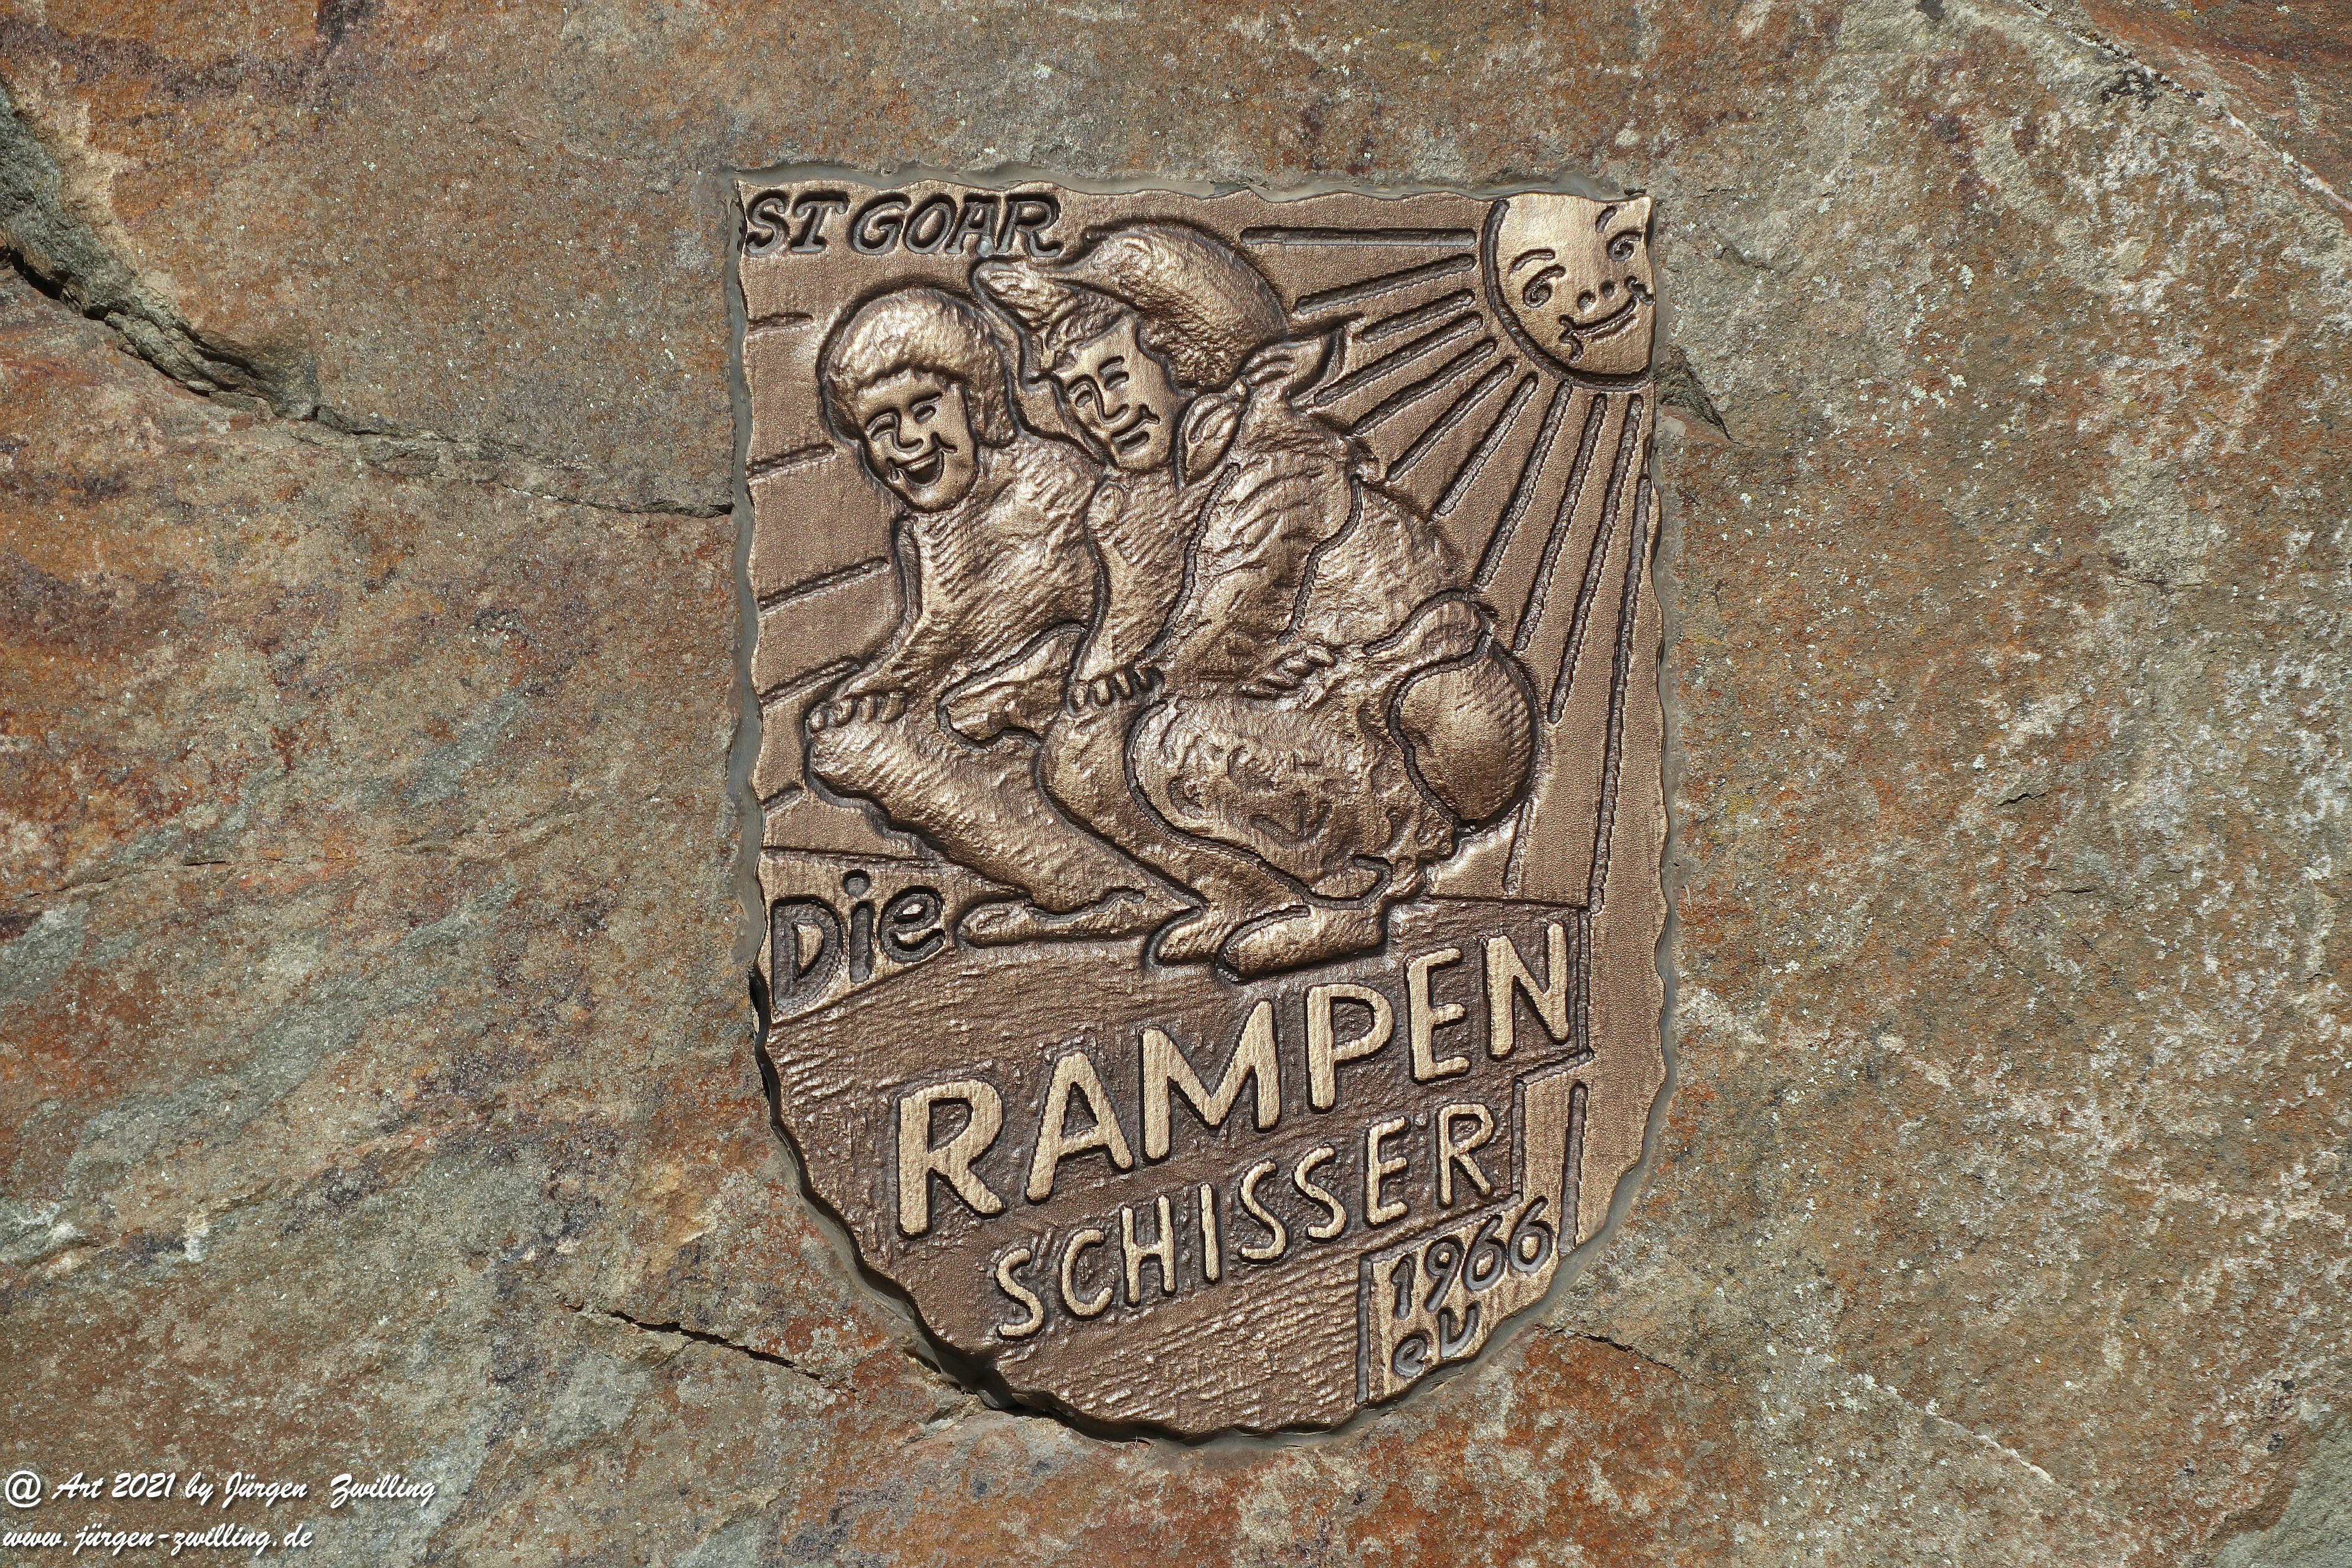 Rampen - Schisser